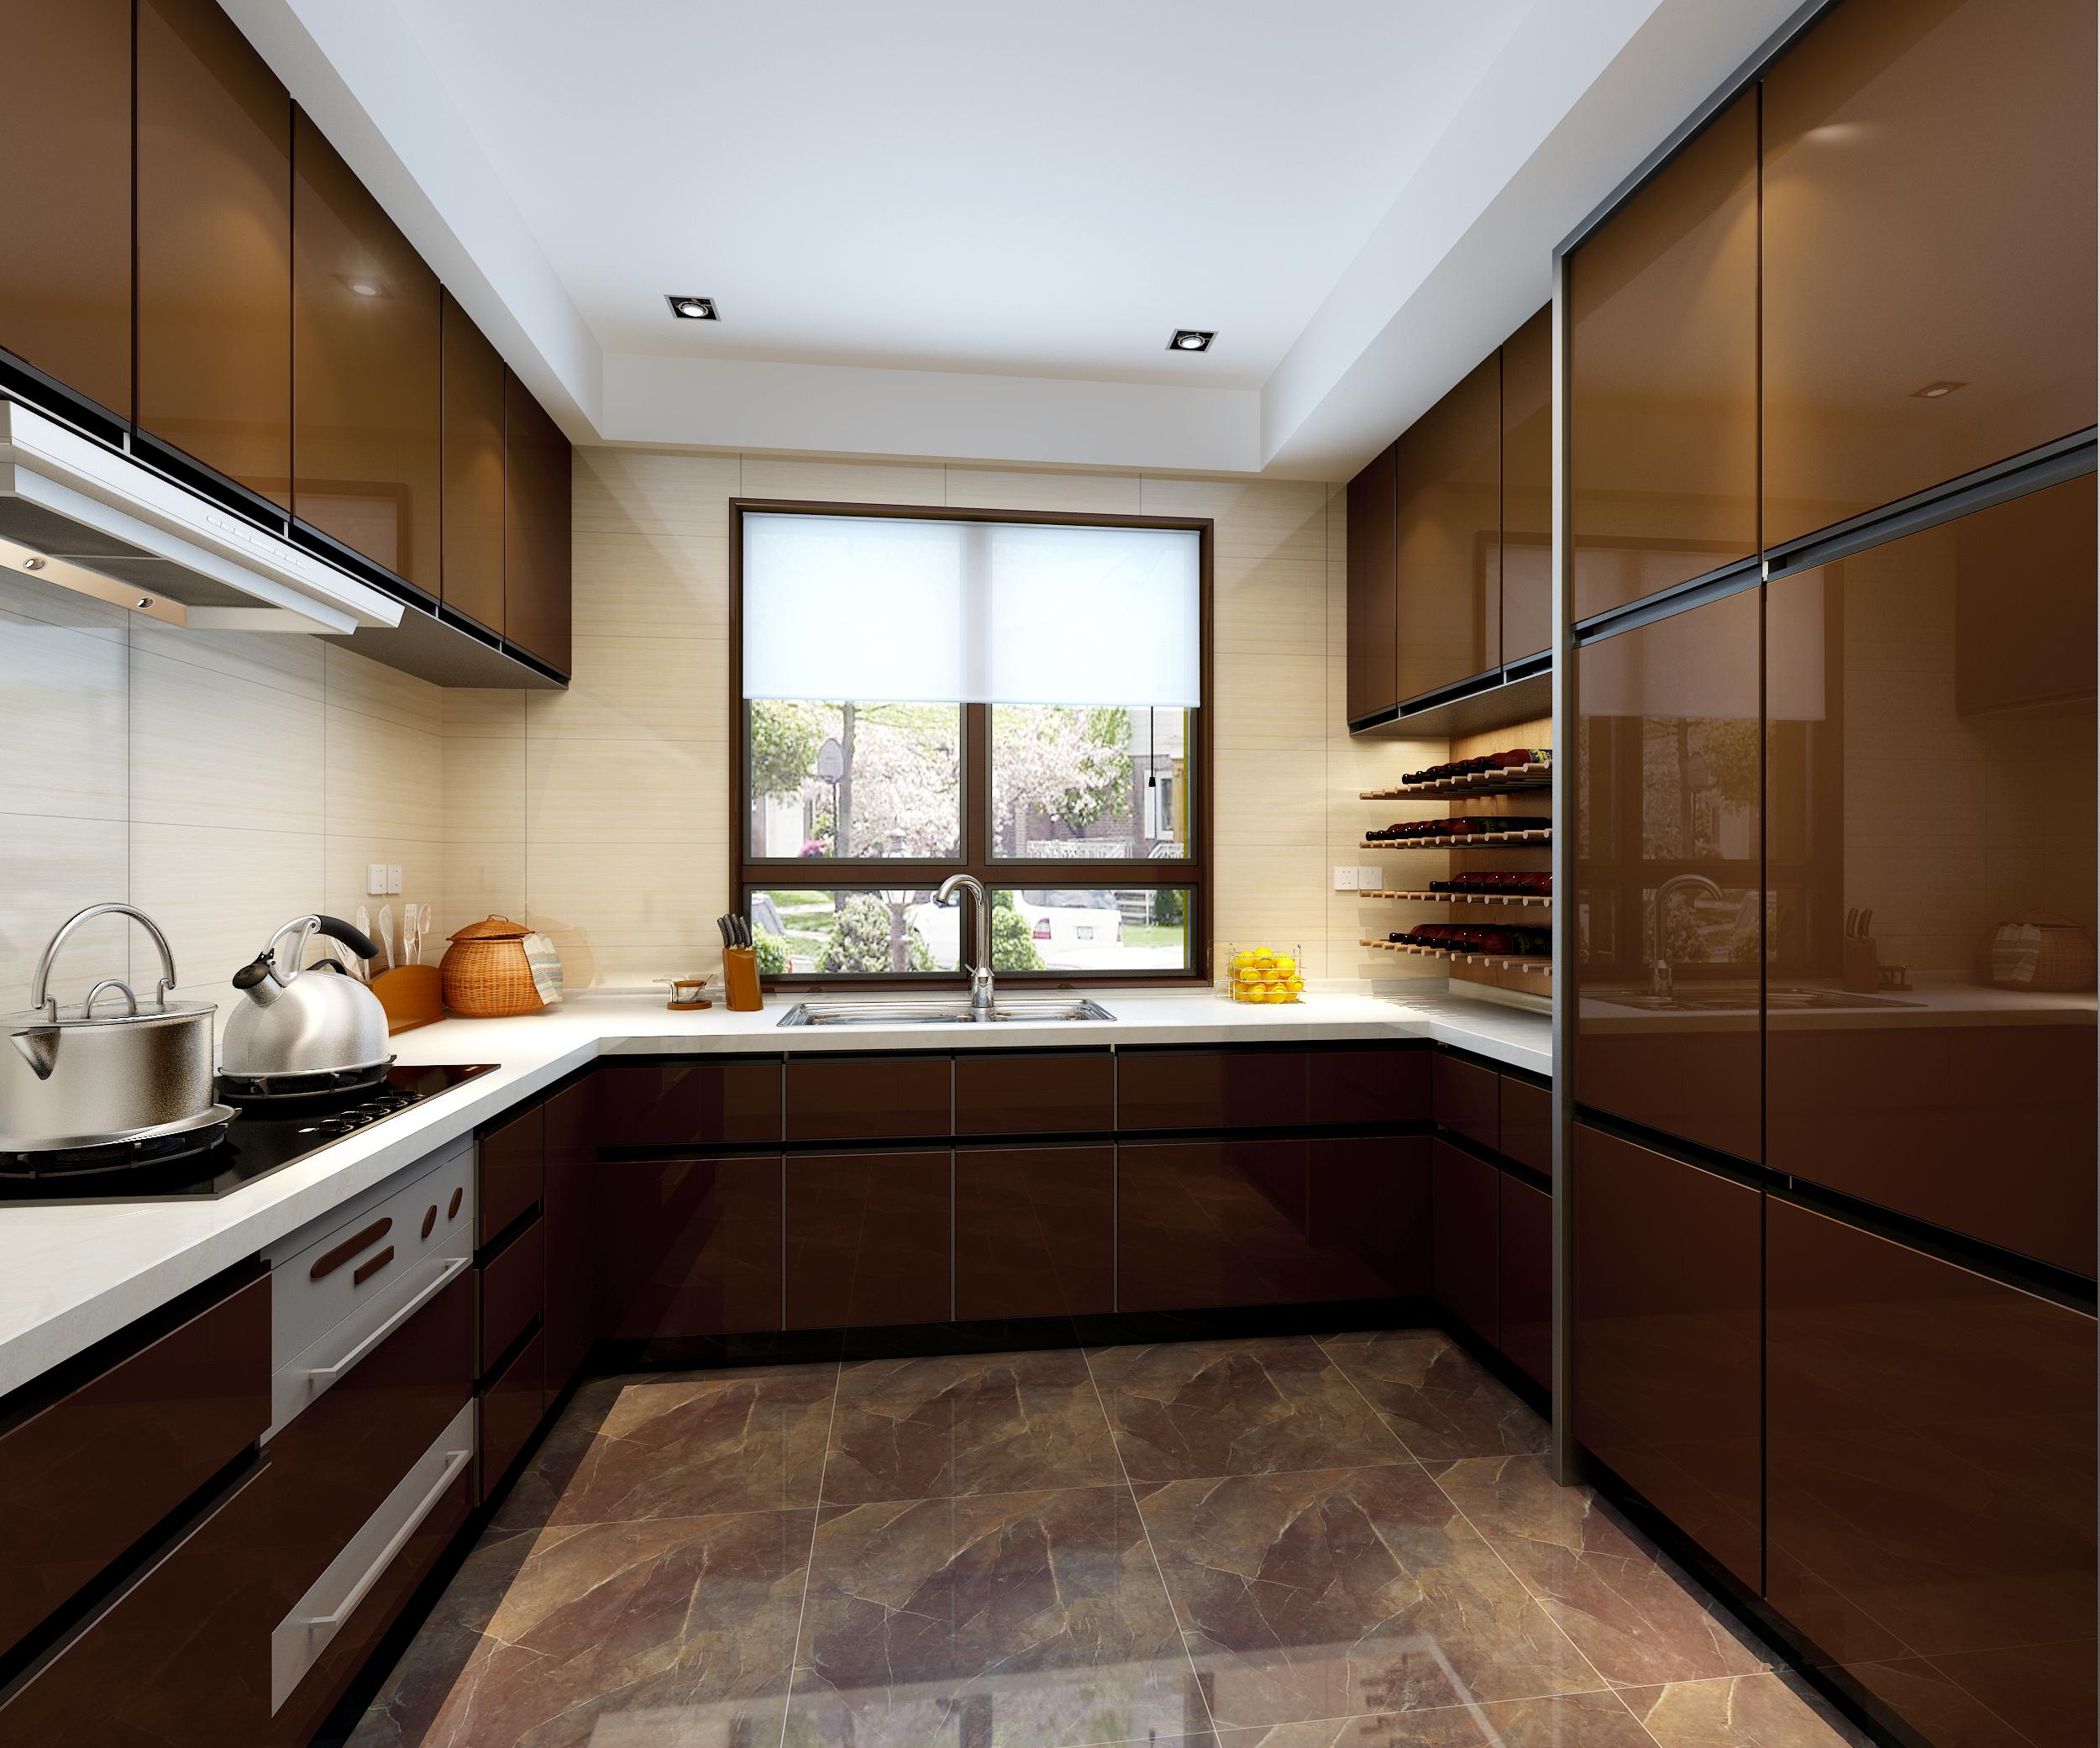 小度素材-厨房(463)